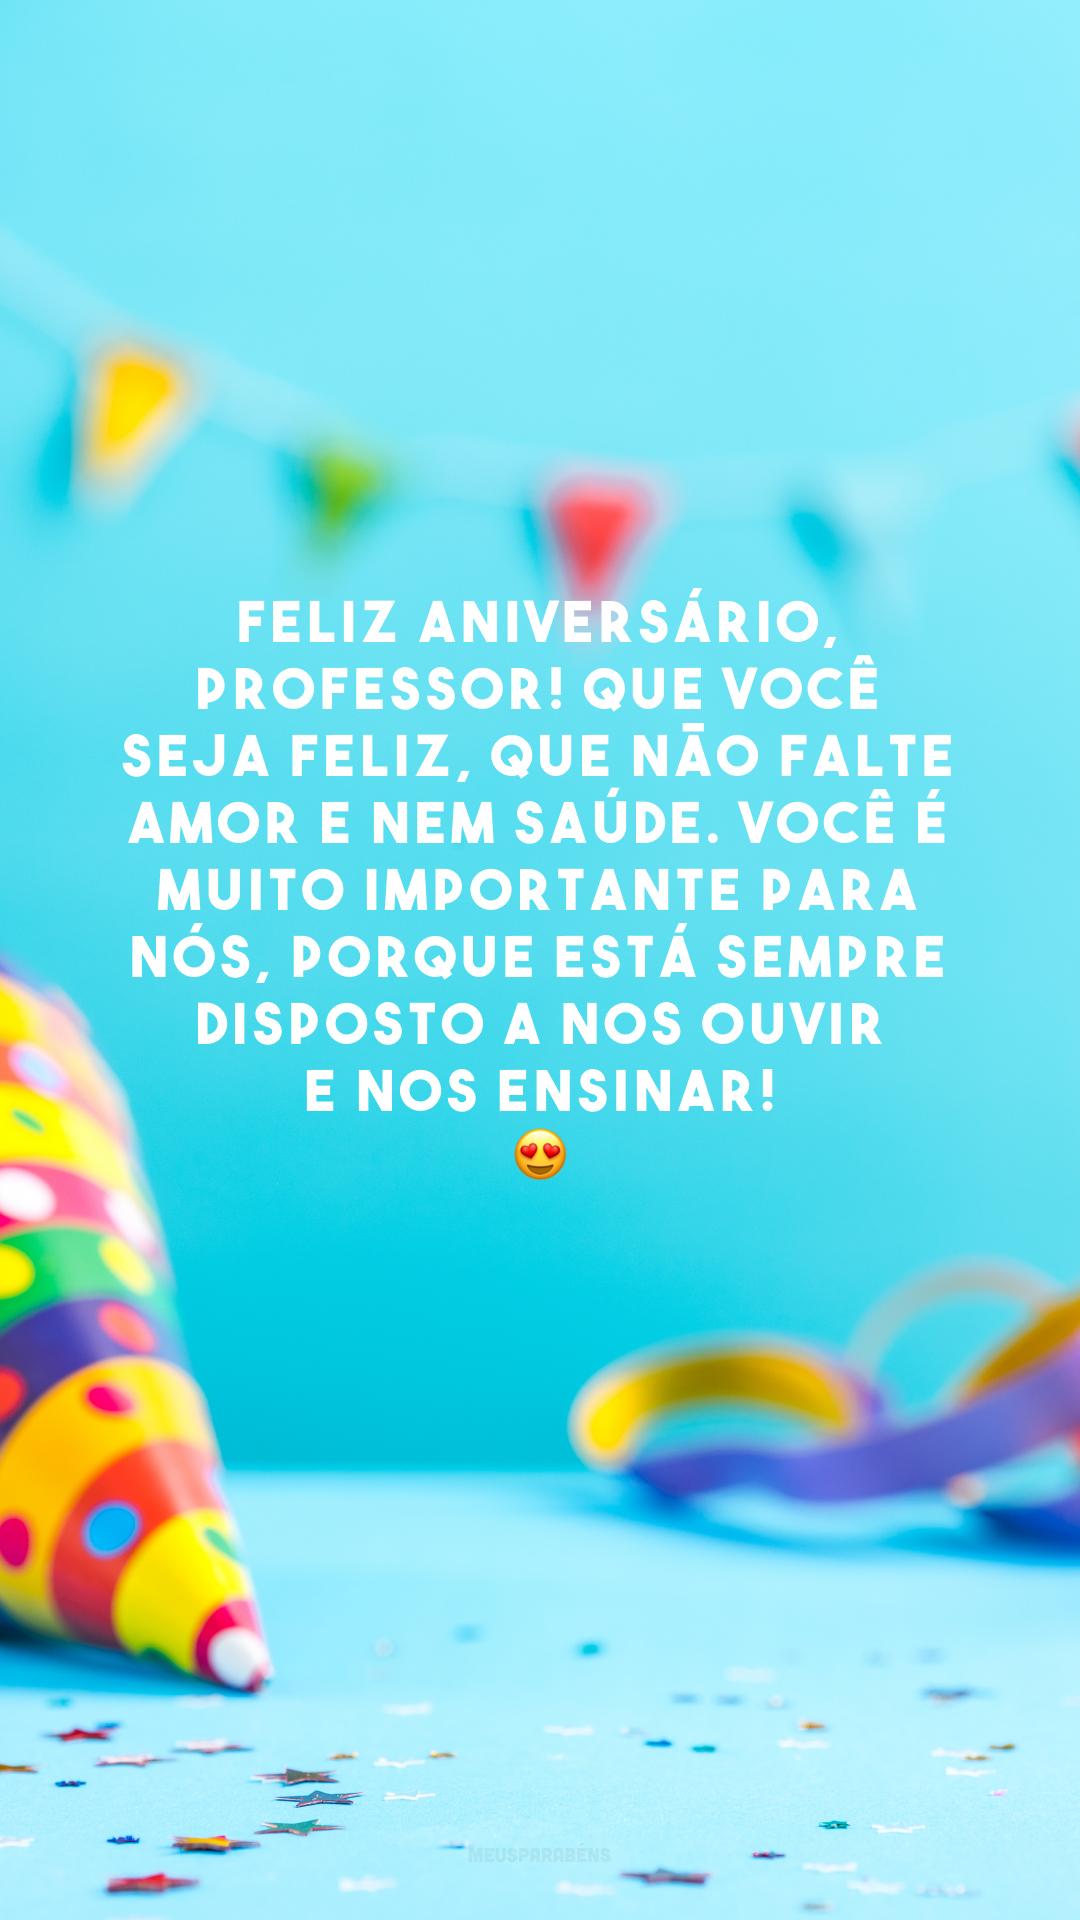 Feliz aniversário, professor! Que você seja feliz, que não falte amor e nem saúde. Você é muito importante para nós, porque está sempre disposto a nos ouvir e nos ensinar! 😍